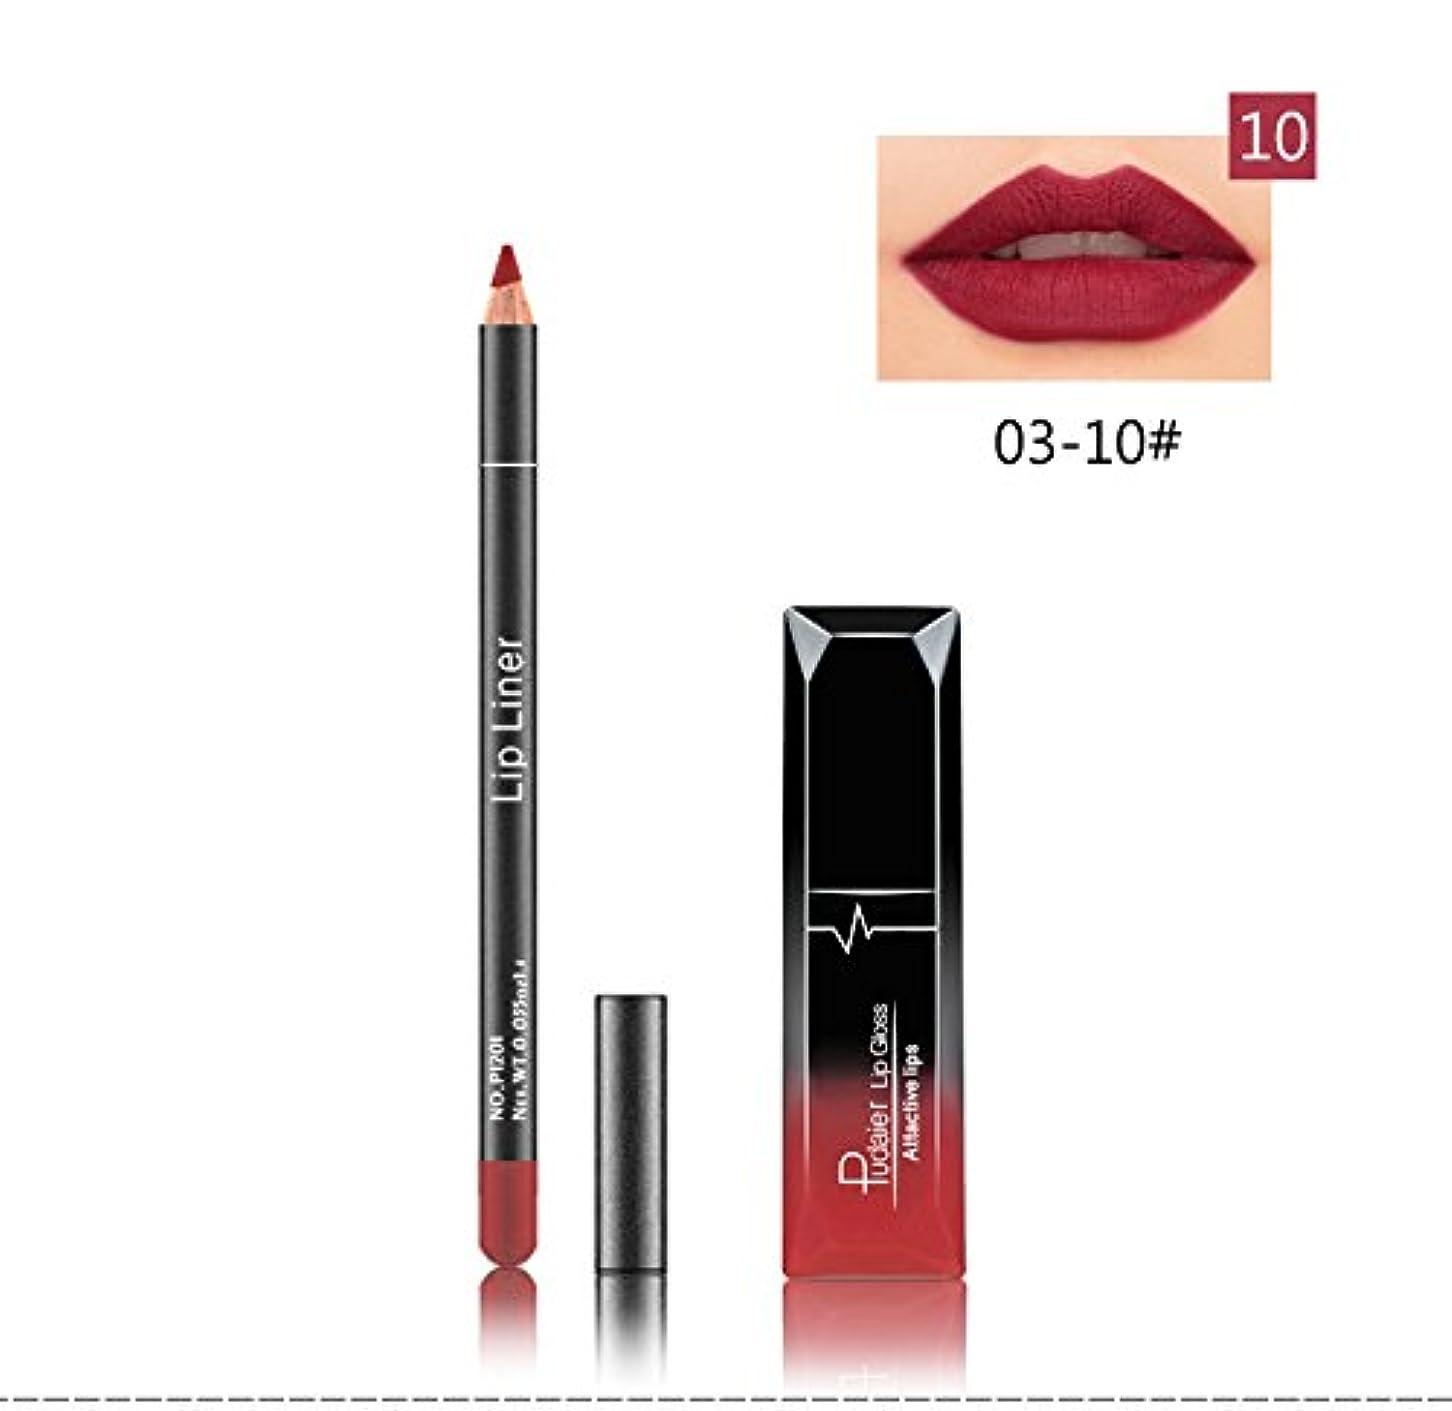 浸漬早める鉄(10) Pudaier 1pc Matte Liquid Lipstick Cosmetic Lip Kit+ 1 Pc Nude Lip Liner Pencil MakeUp Set Waterproof Long Lasting Lipstick Gfit